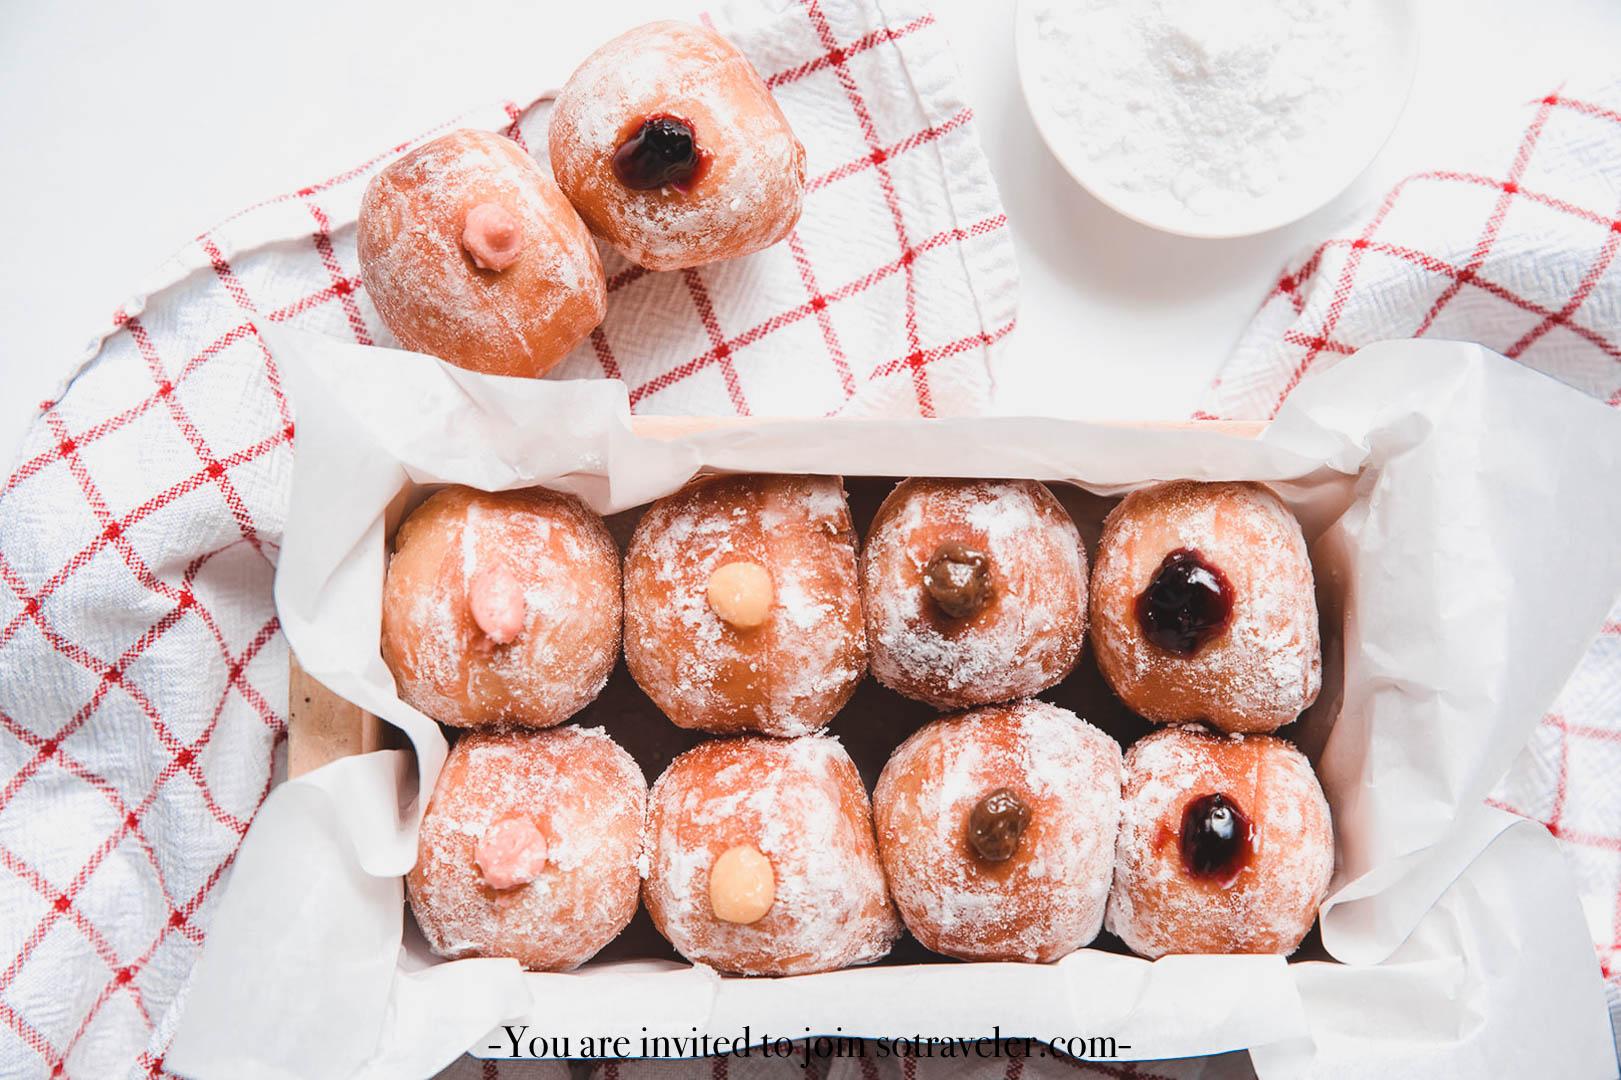 bomboloni italian doughnuts bangkok trading post 137 pillars bangkok 1